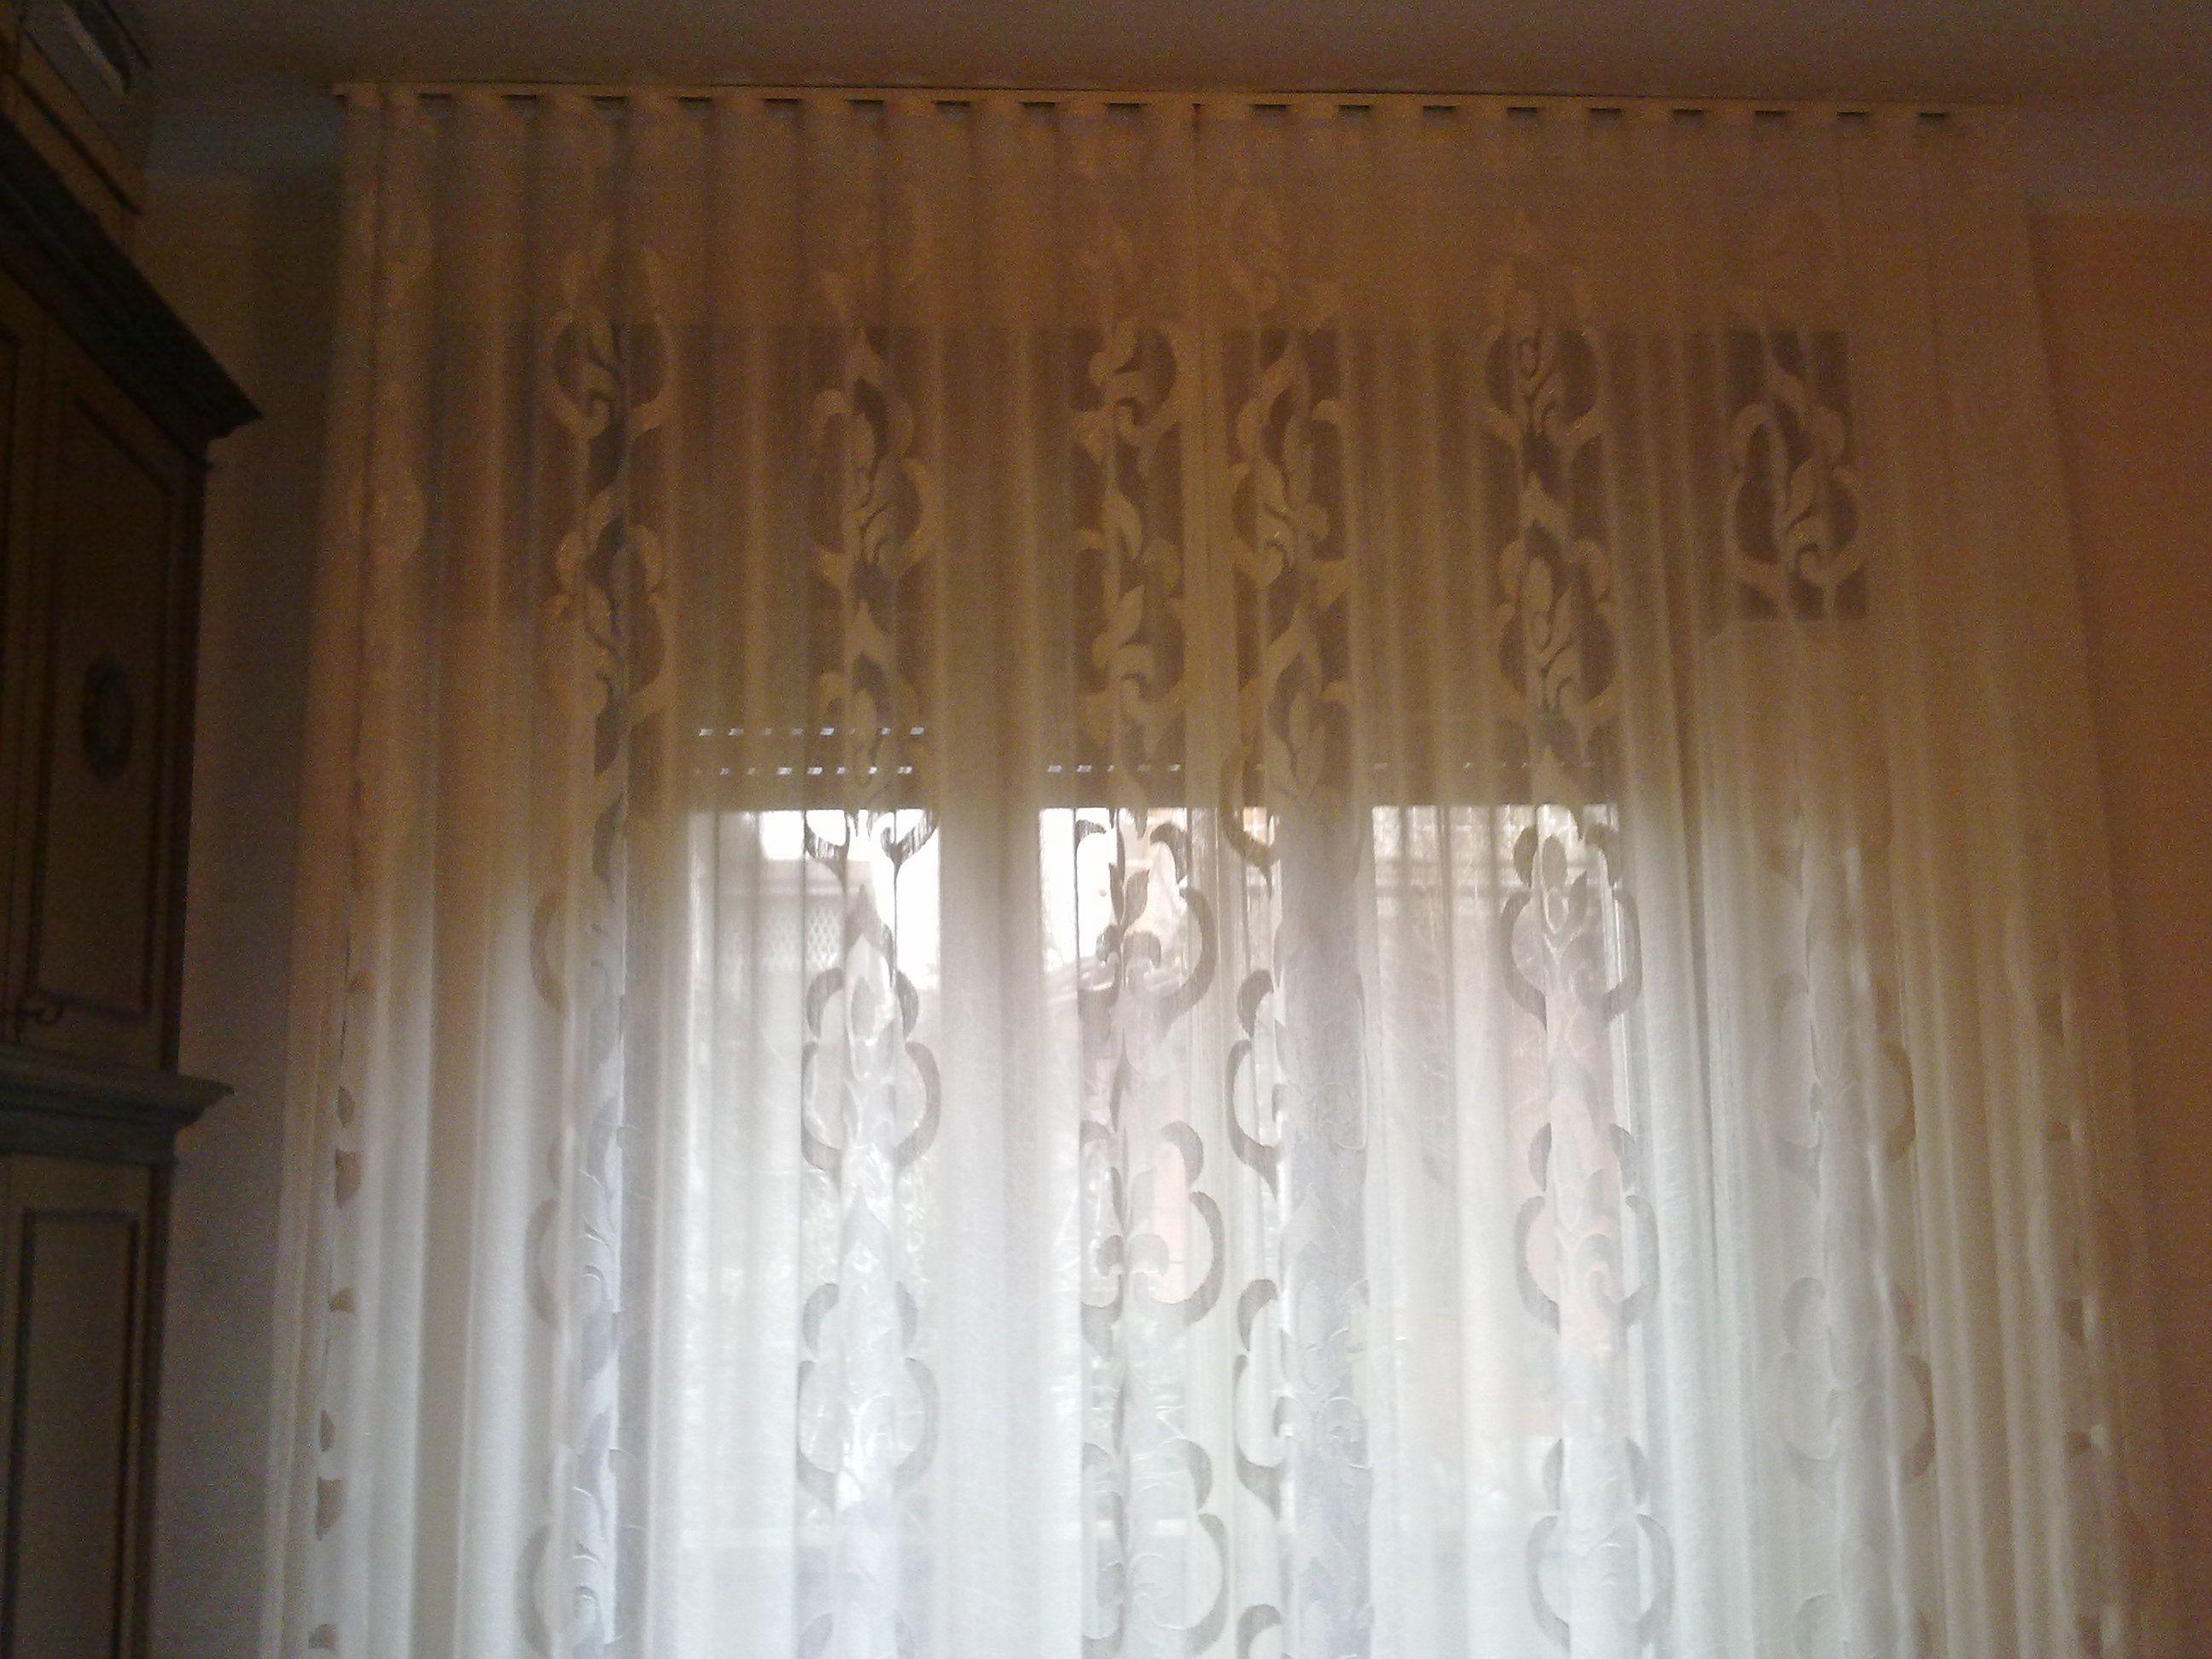 Articolo di approfondimento sulle tende per una camera da letto classica, tende a doppio velo in seta, broccato o in pizzo. Pin Su Portfolio Tende Privati